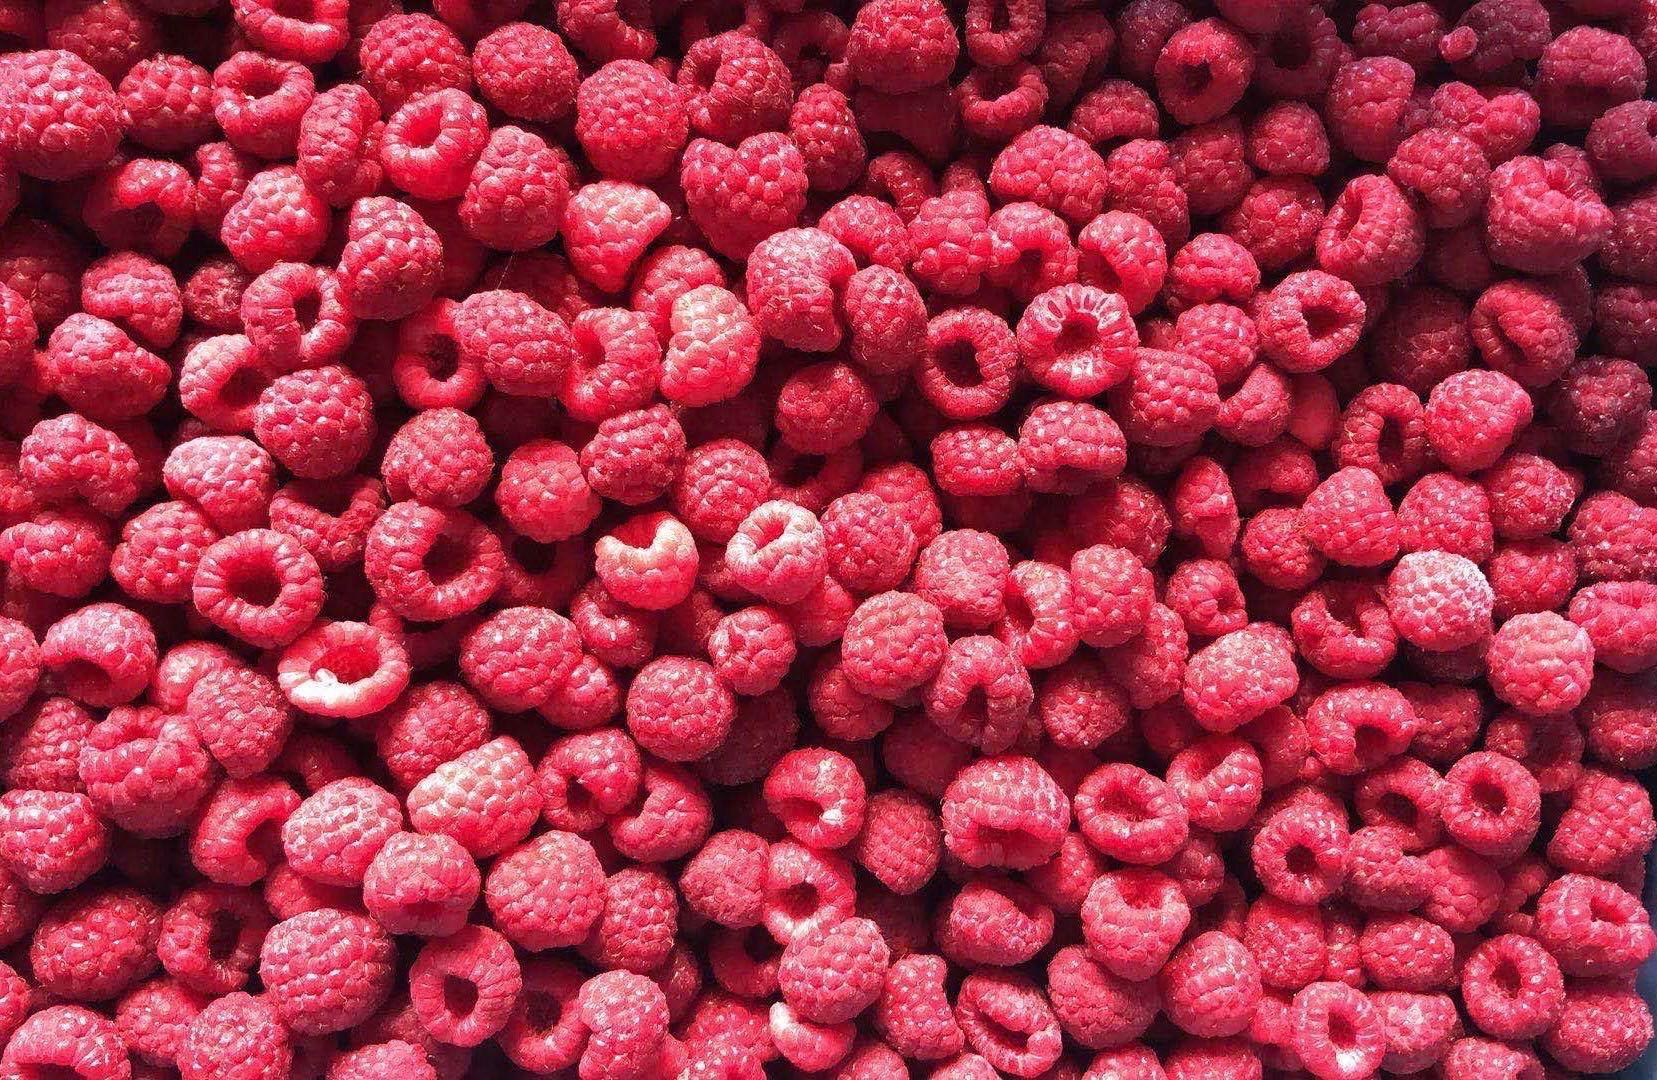 冷凍樹莓,速凍樹莓 4